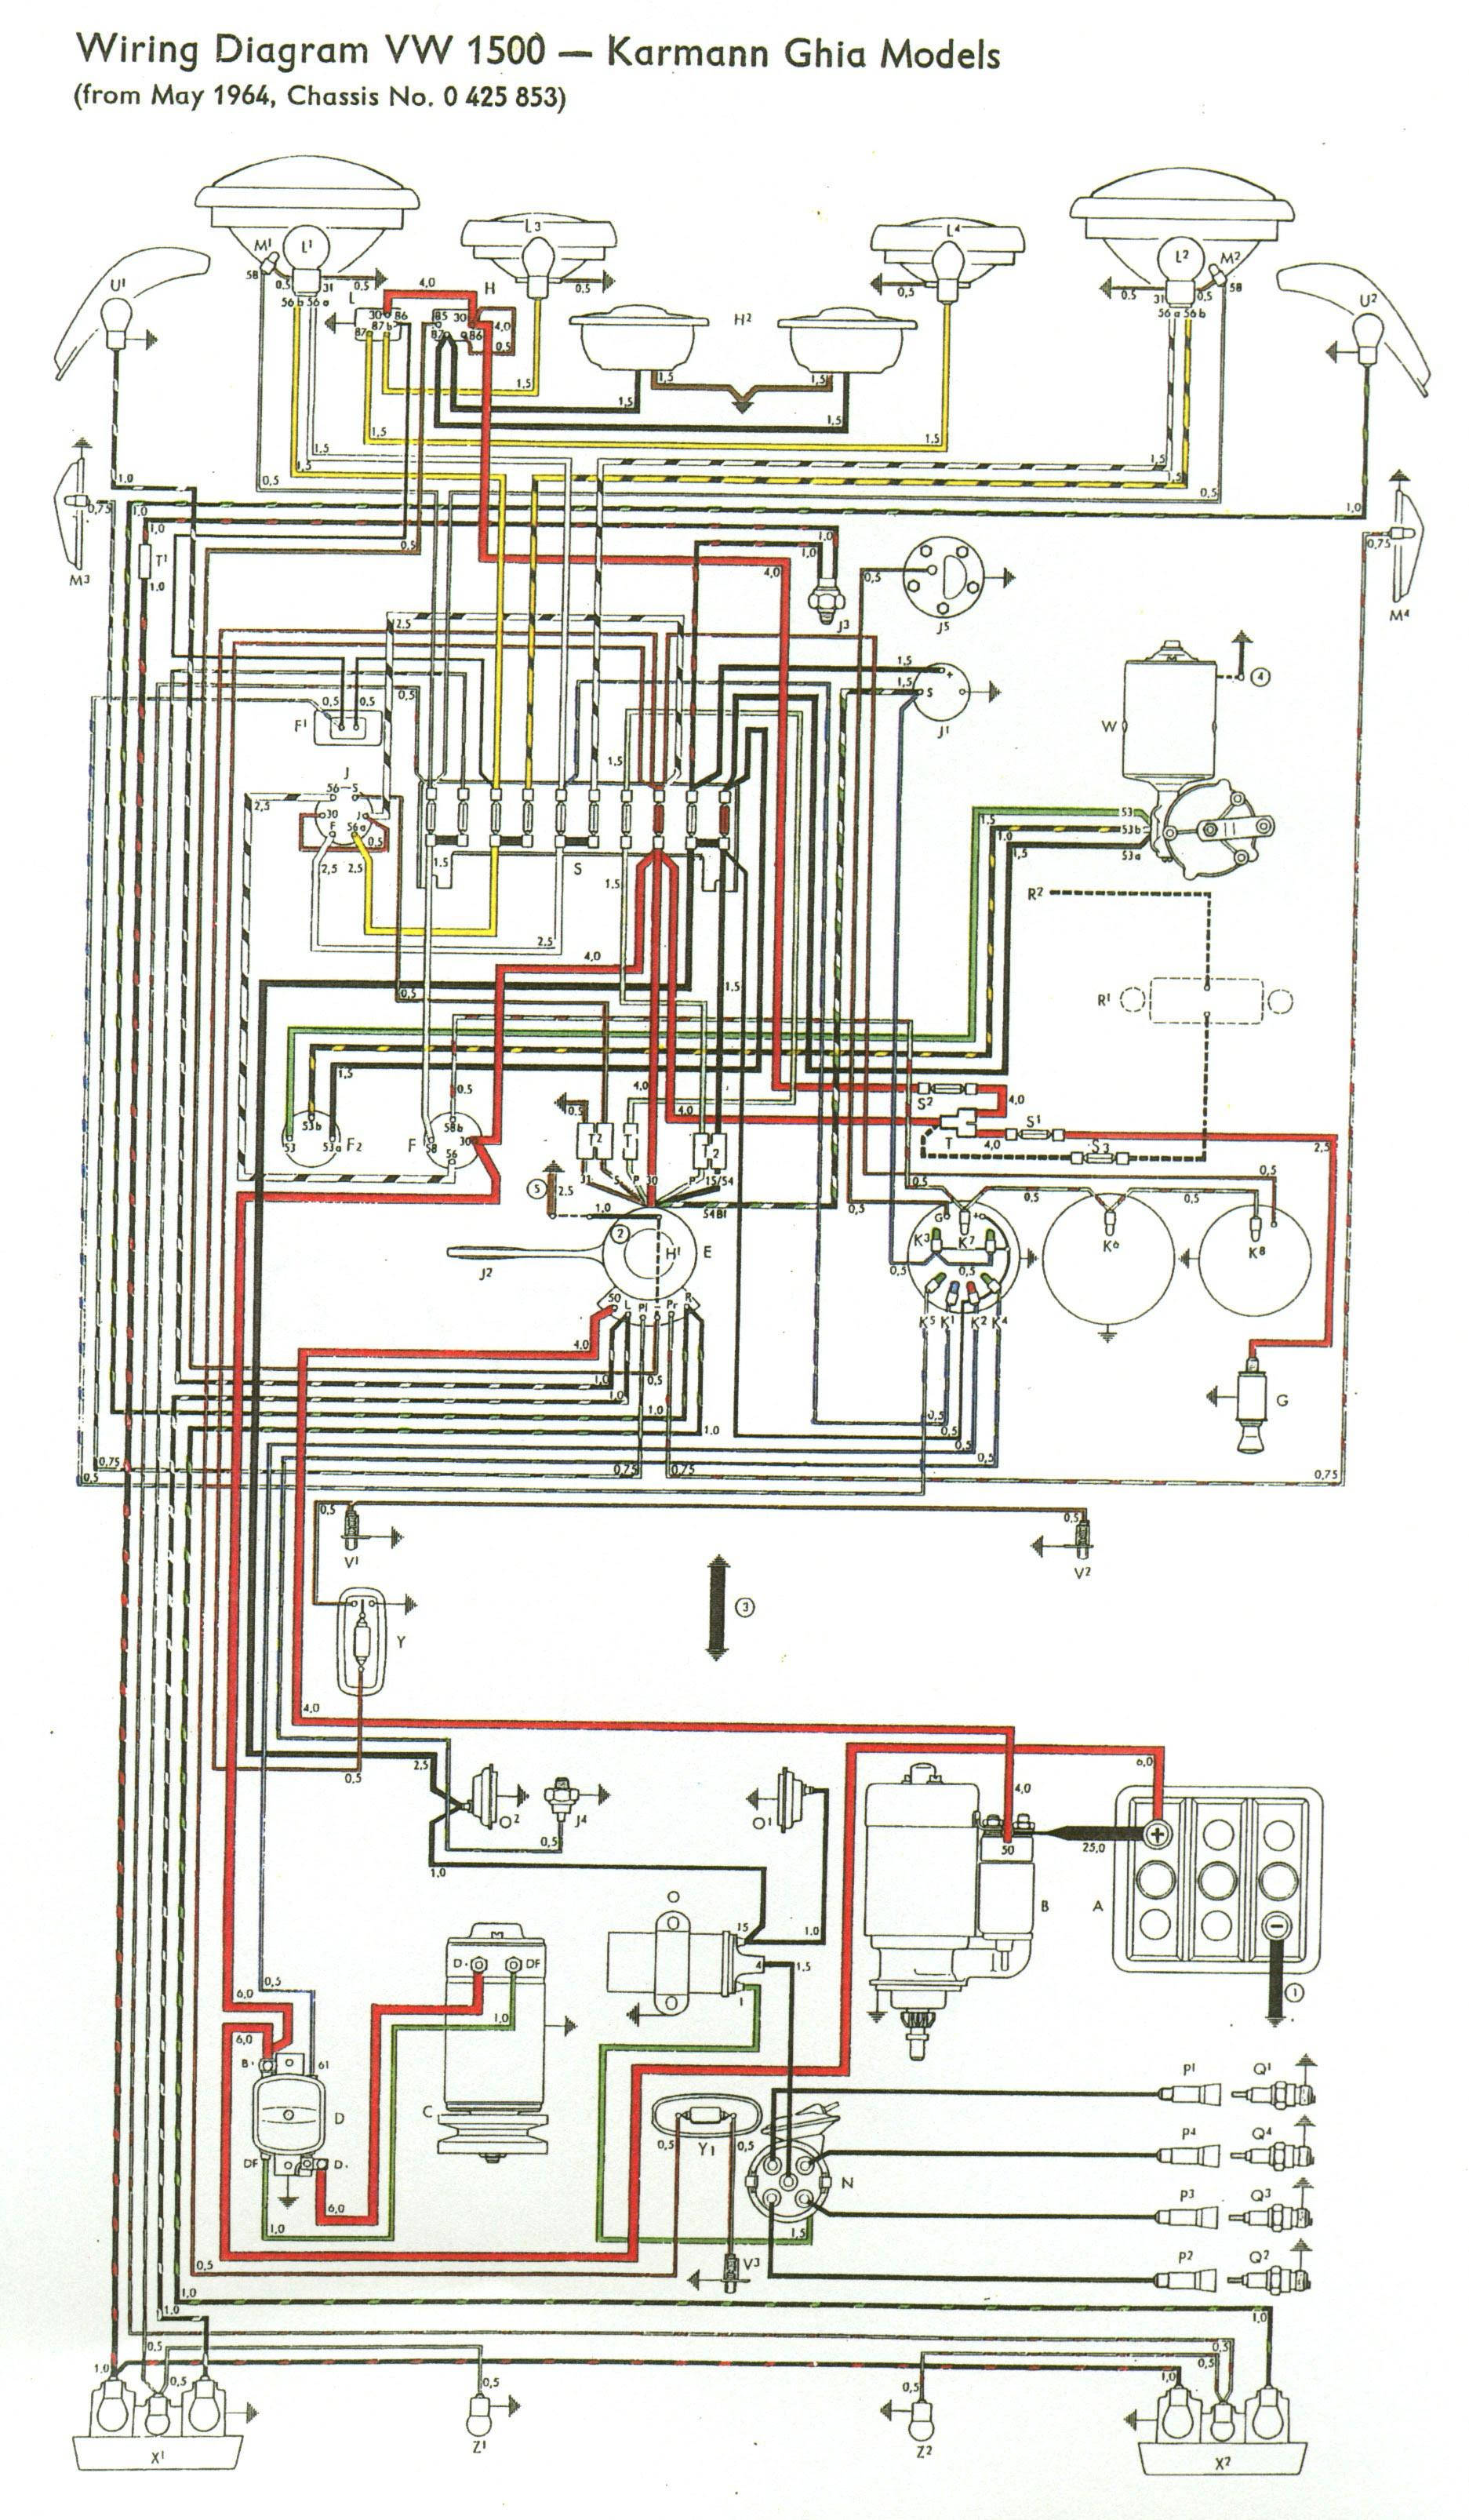 73 Vw Beetle Wiring Diagram - Wiring Diagram Networks